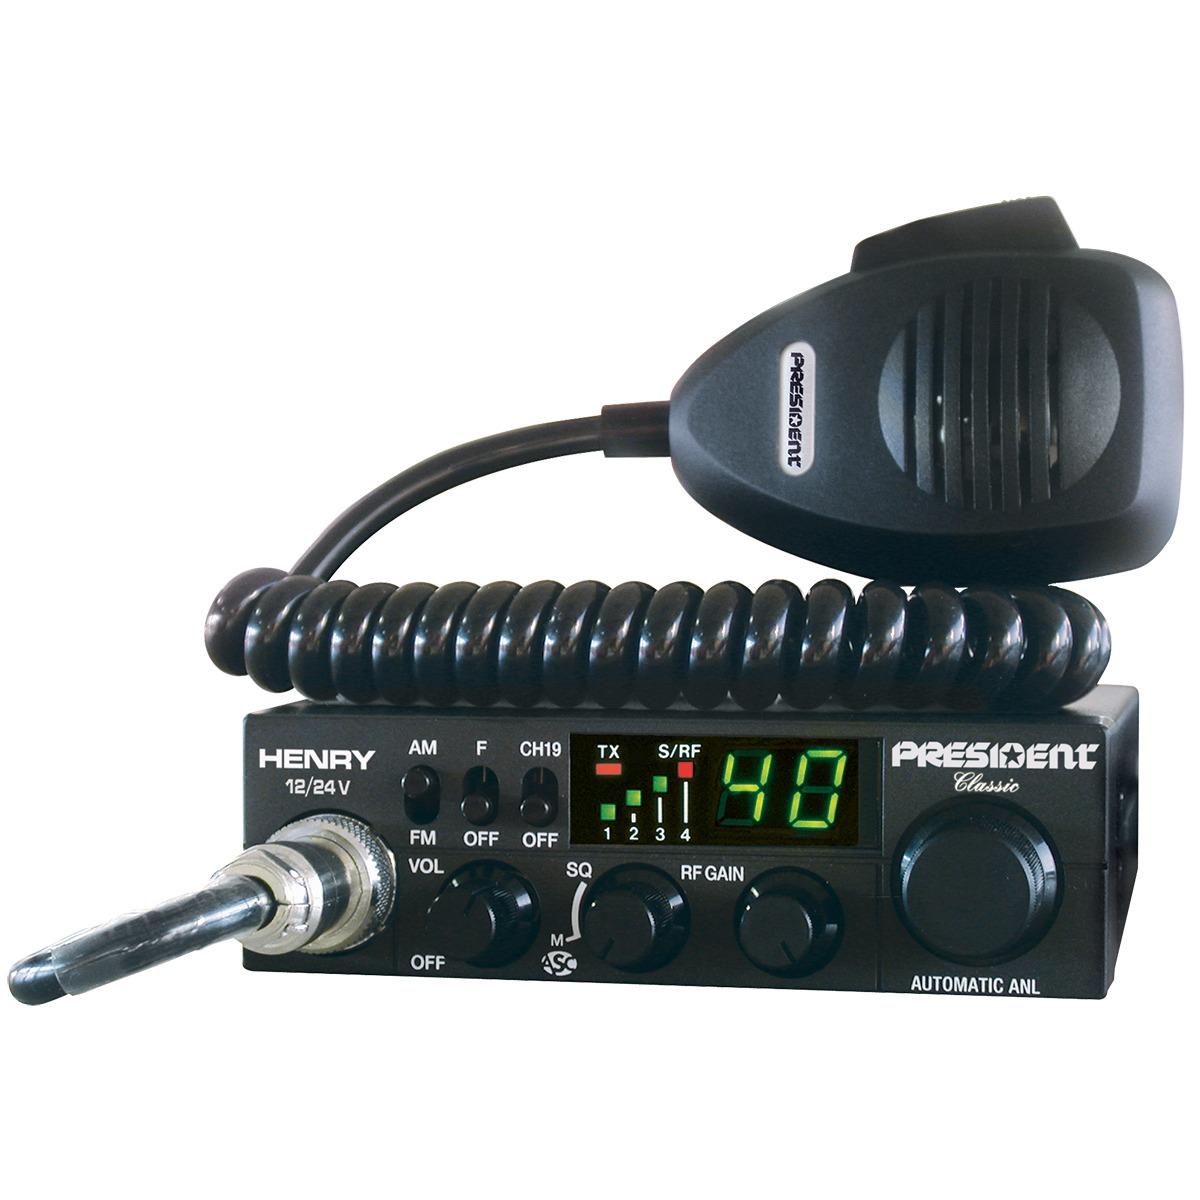 EMISORA PRESIDENT HENRY 12/24V ASC CLASSIC 40 CX AM/FM